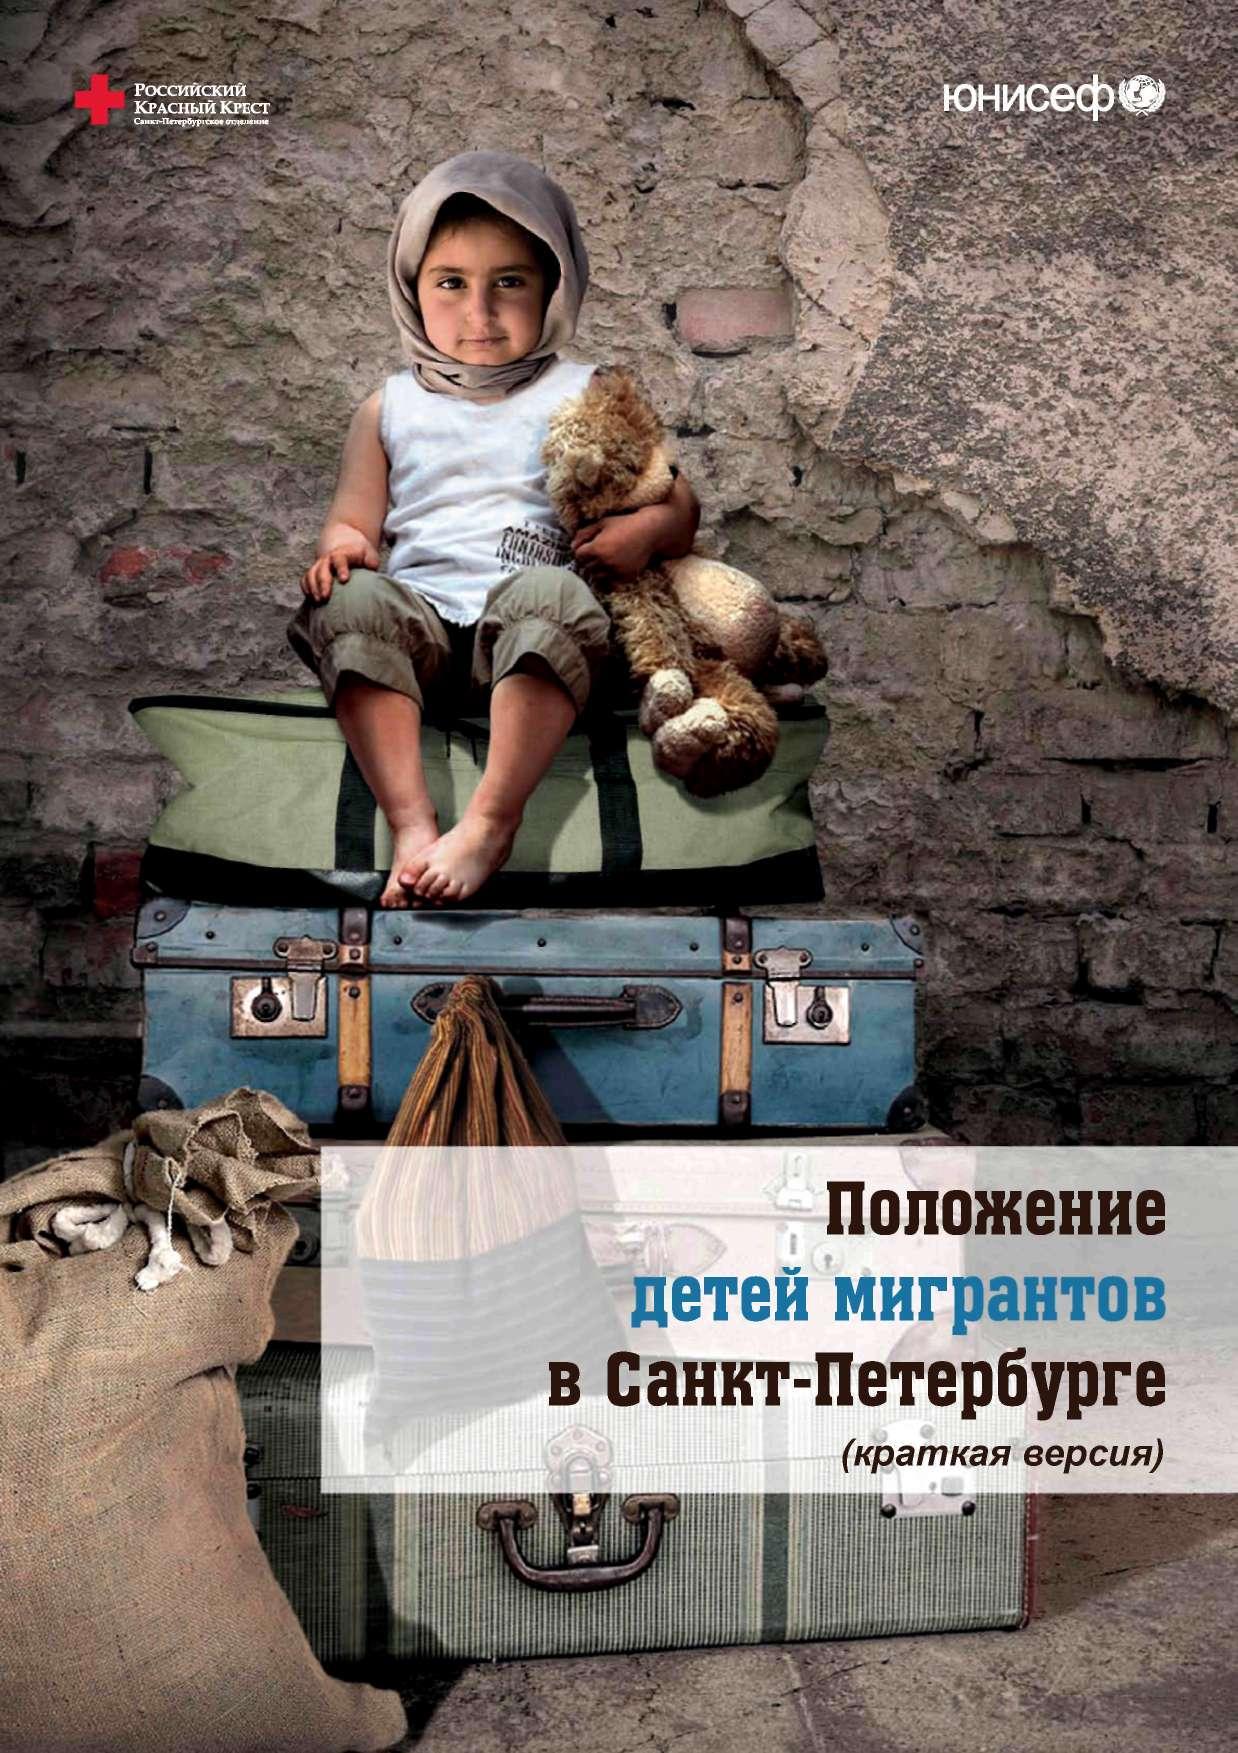 Положение детей мигрантов в Санкт-Петербурге (краткая версия)